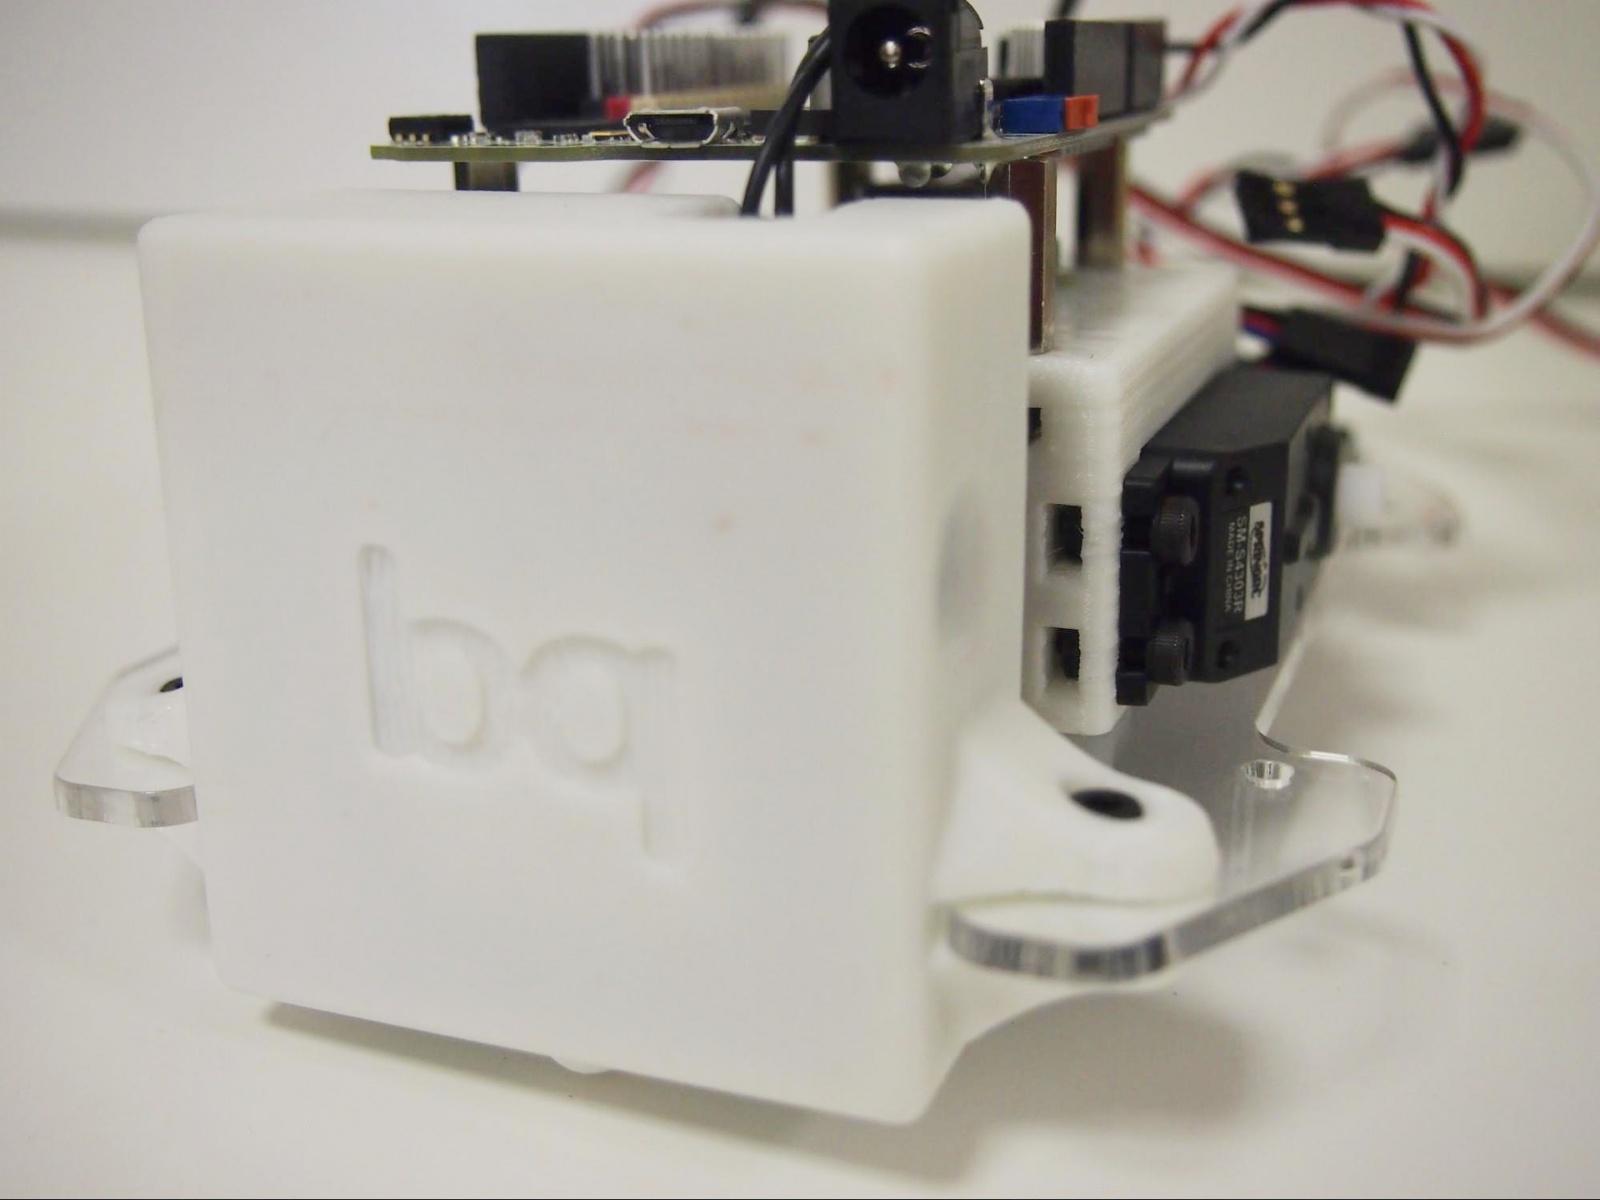 DIY Робот или эволюция в комплекте - 16